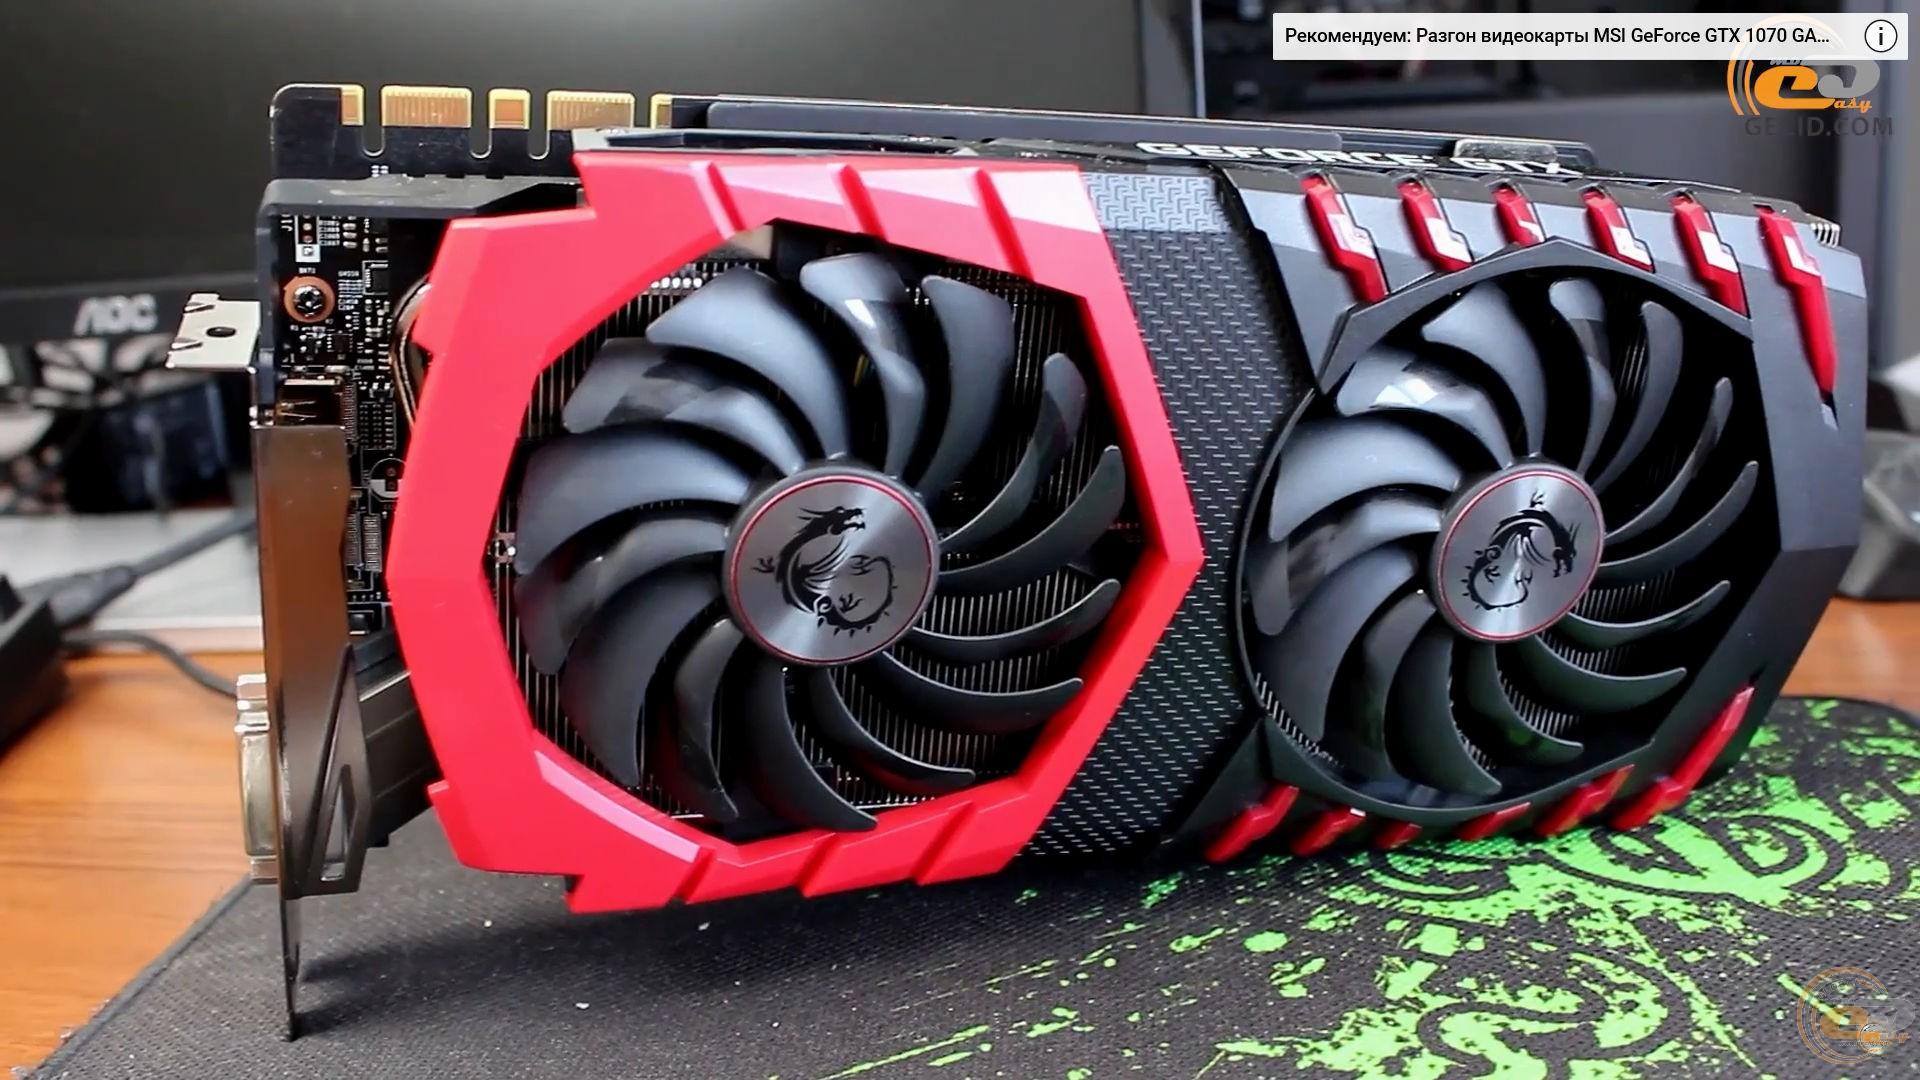 Radeon RX 580 8GB vs GeForce GTX 1070: вынужденное сравнение